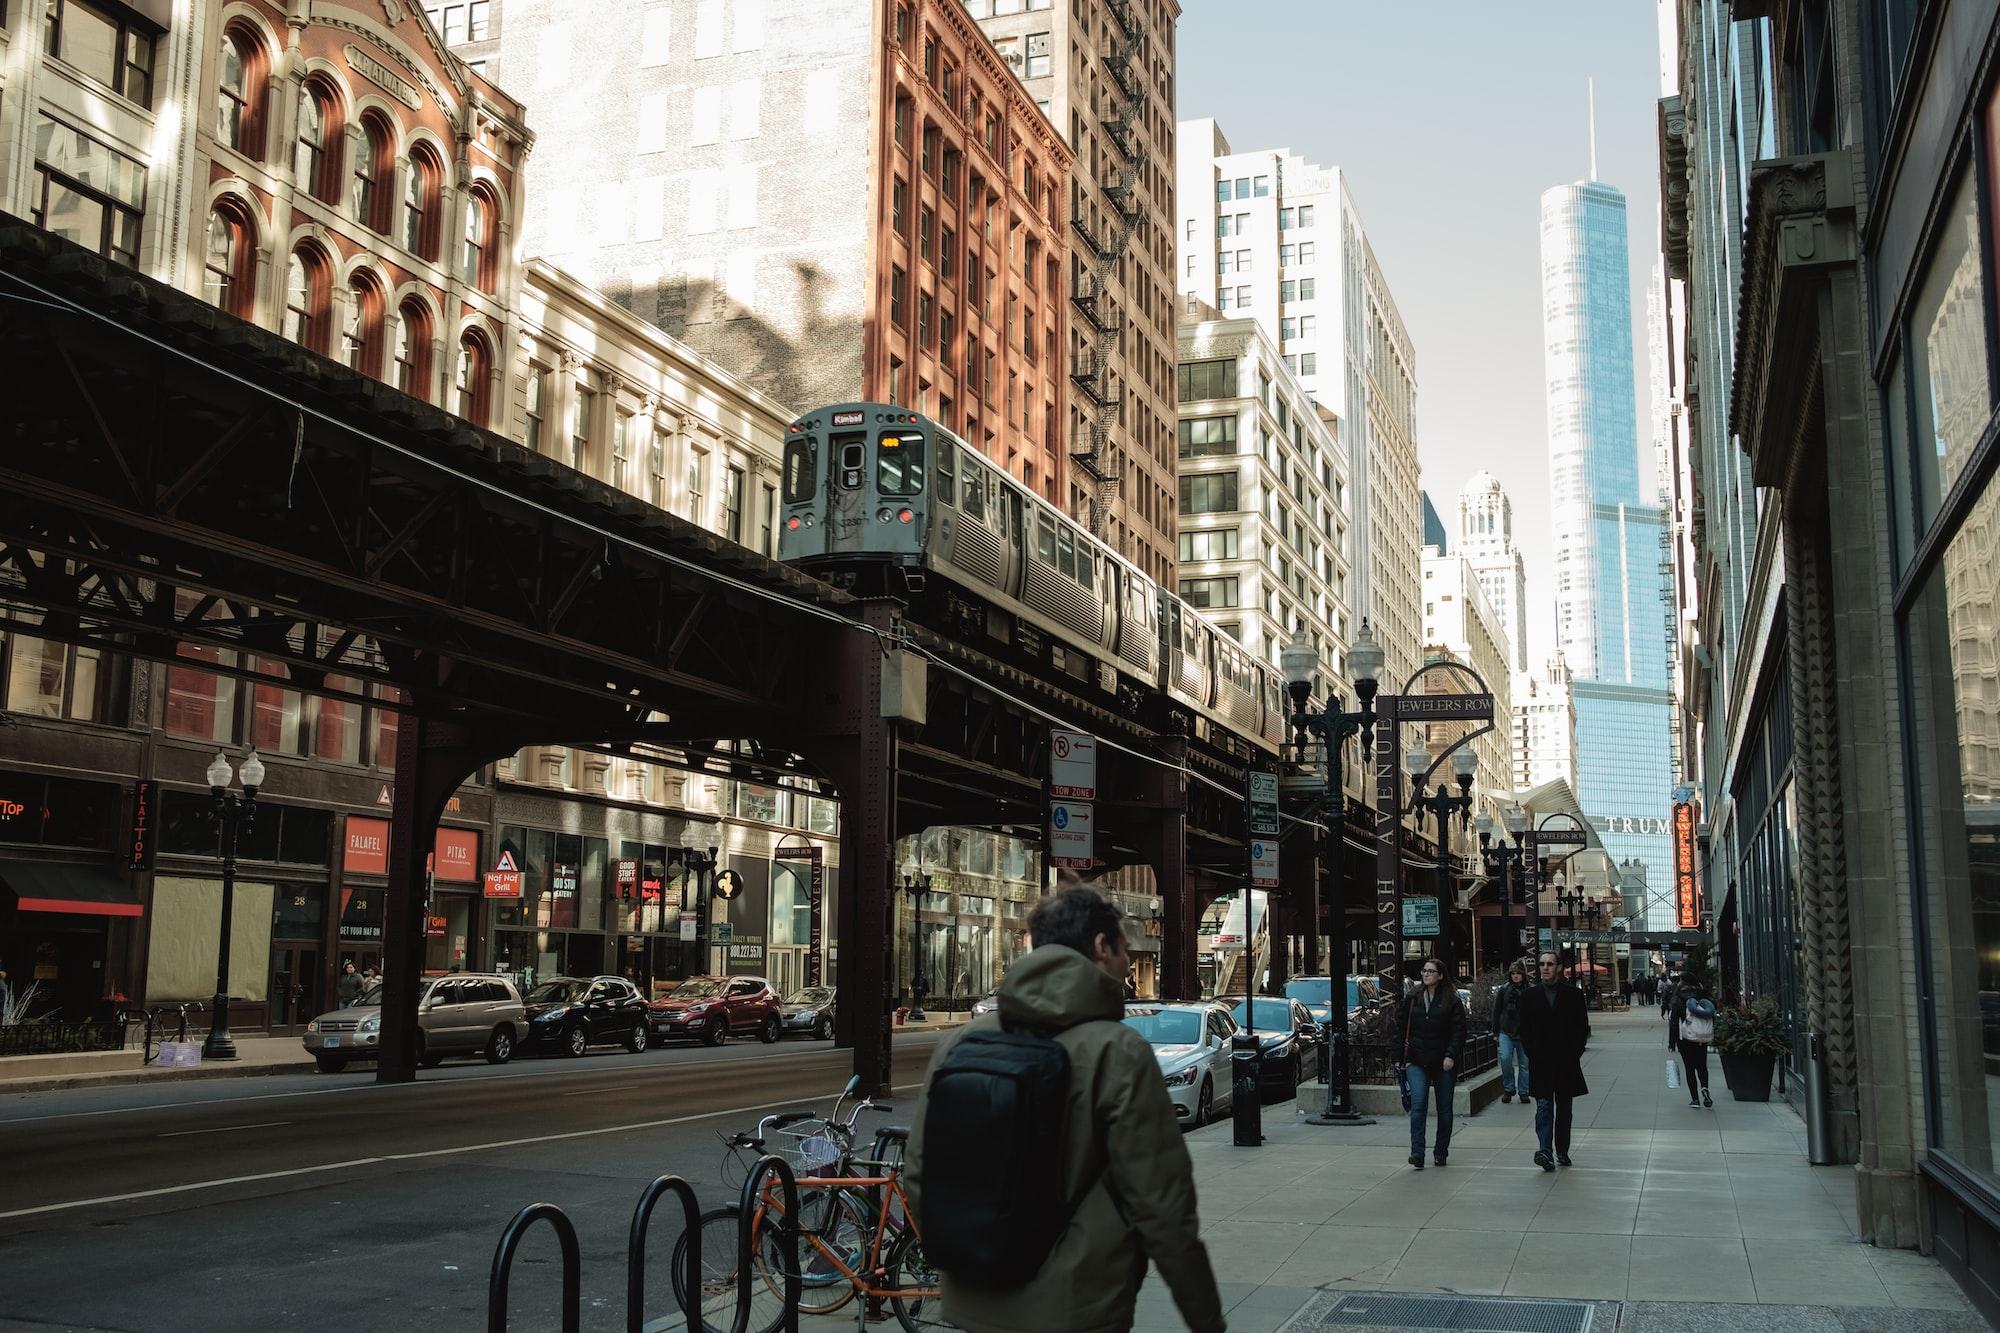 Founding of Light Rail in Chicago